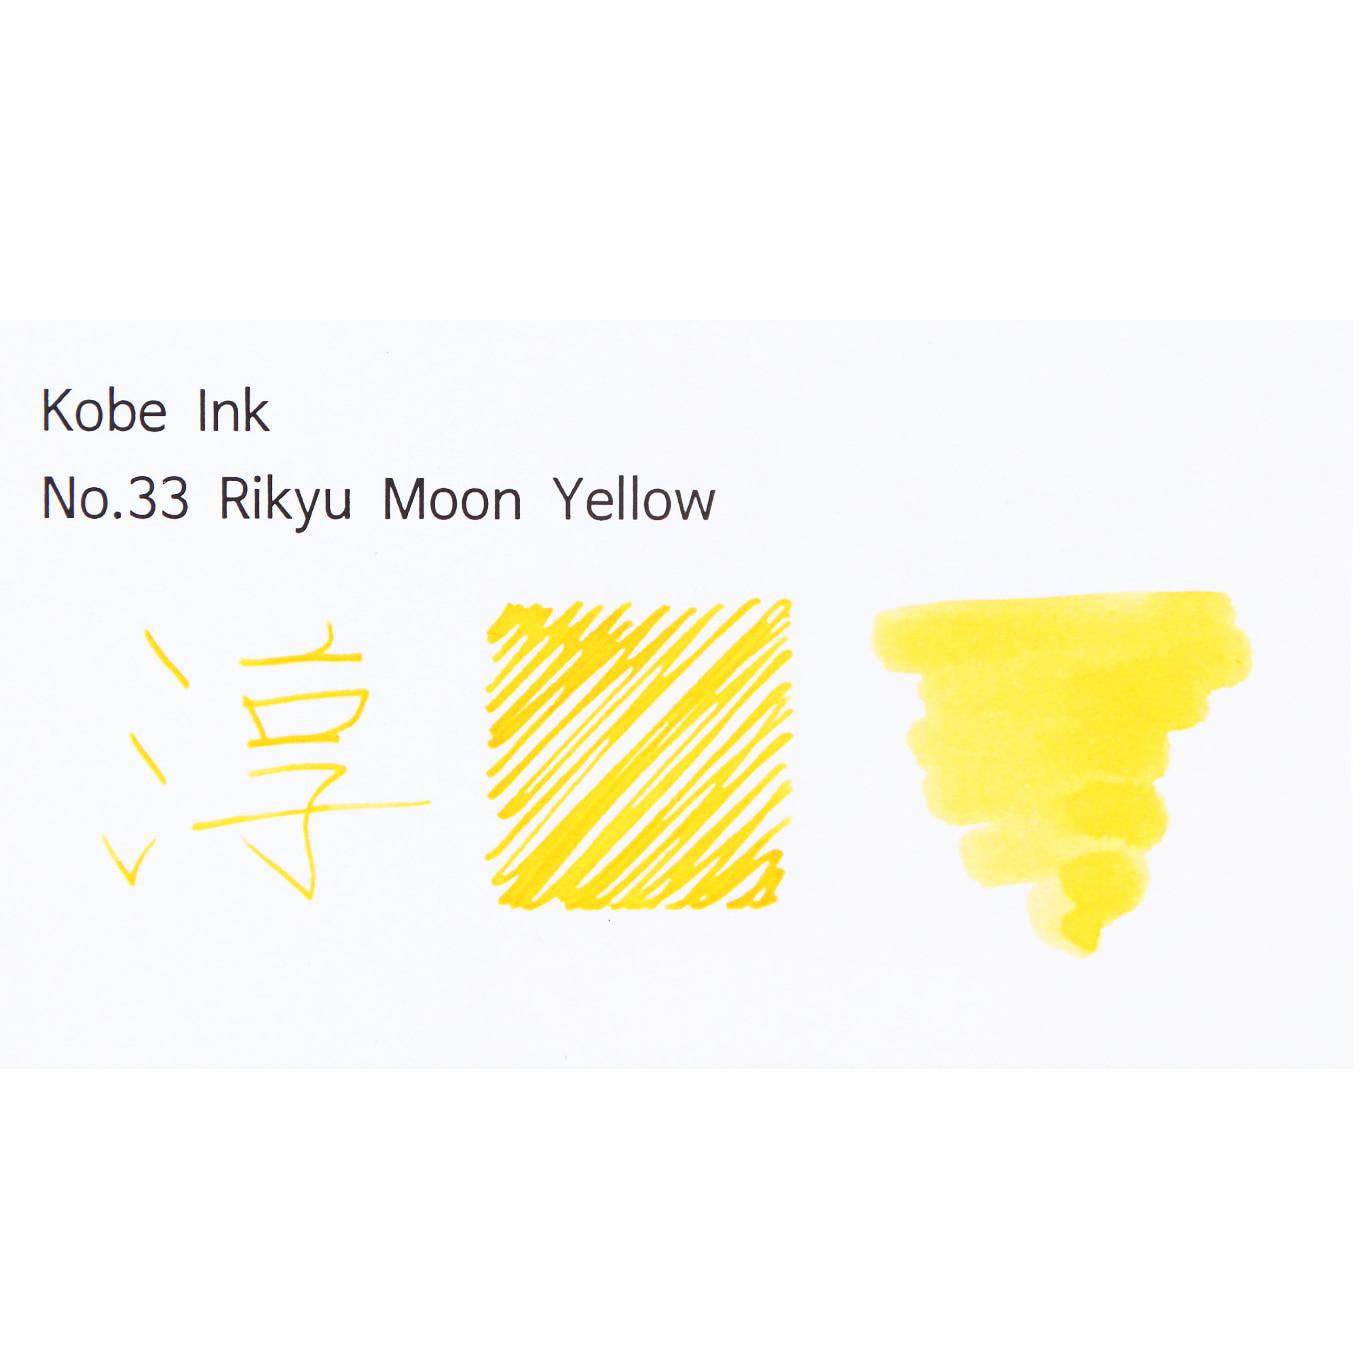 고베 병 잉크 No.33 리큐차 문 옐로우 Rikyu Moon Yellow